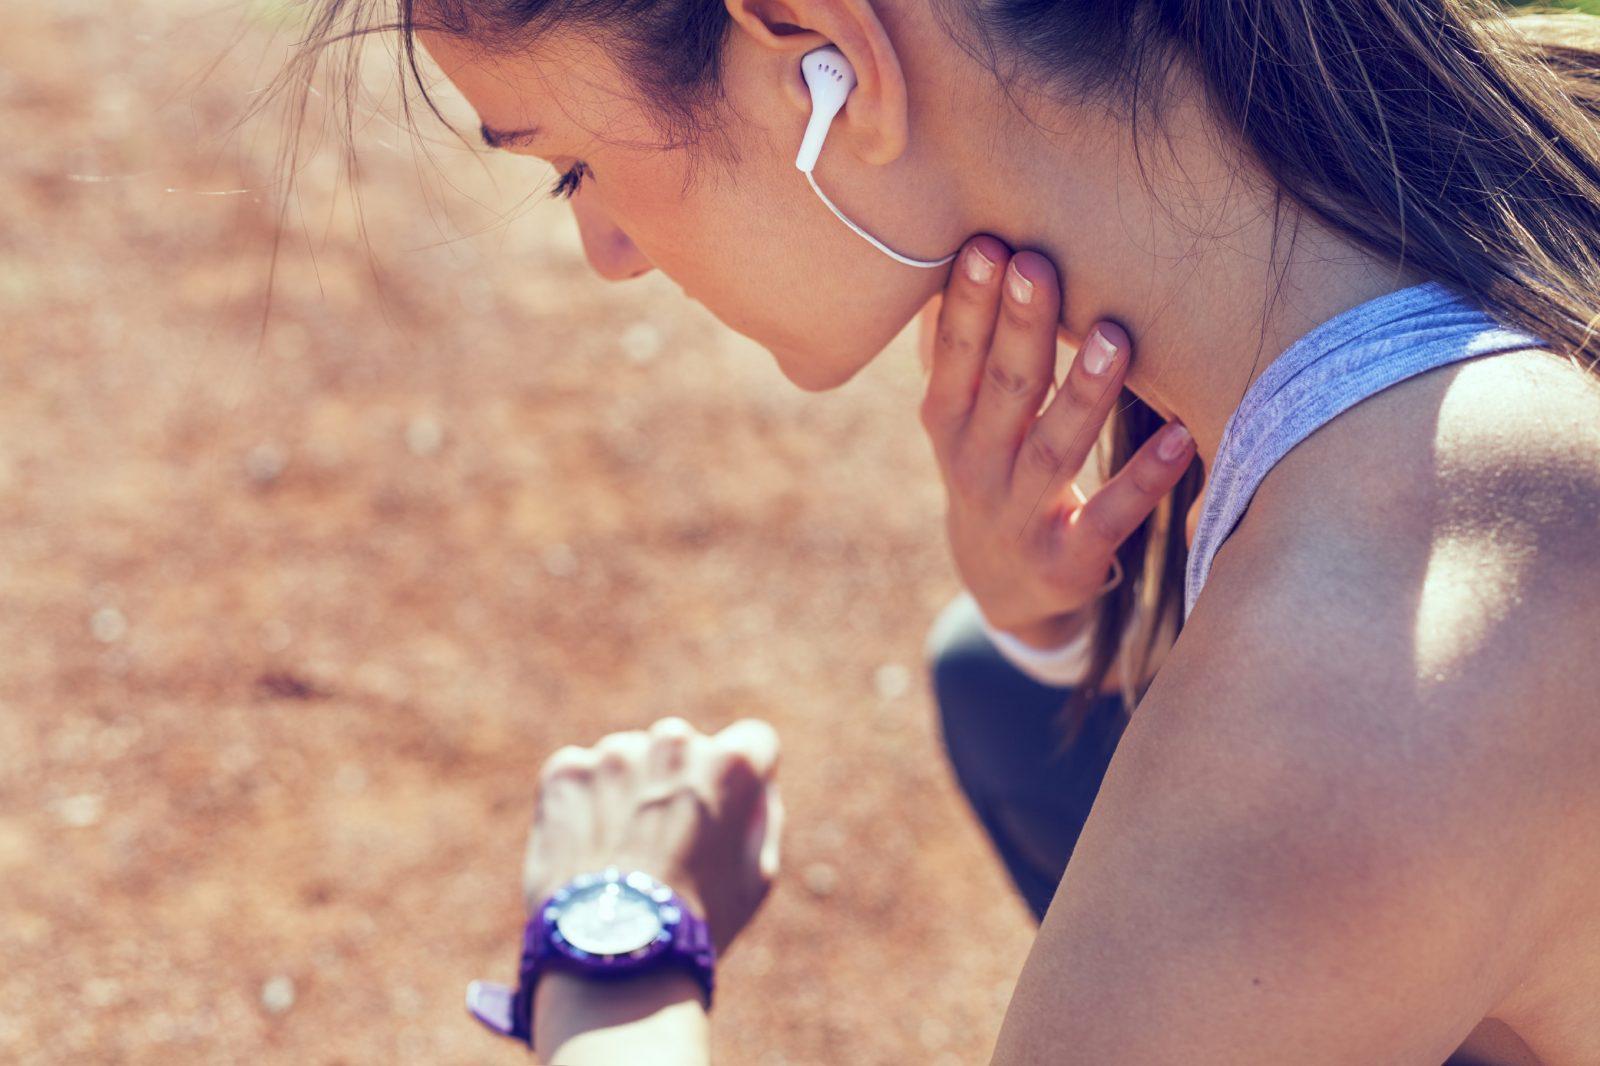 Спортивная девушка в наушниках измеряет пульс рукой возле шеи, смотря на ручные часы